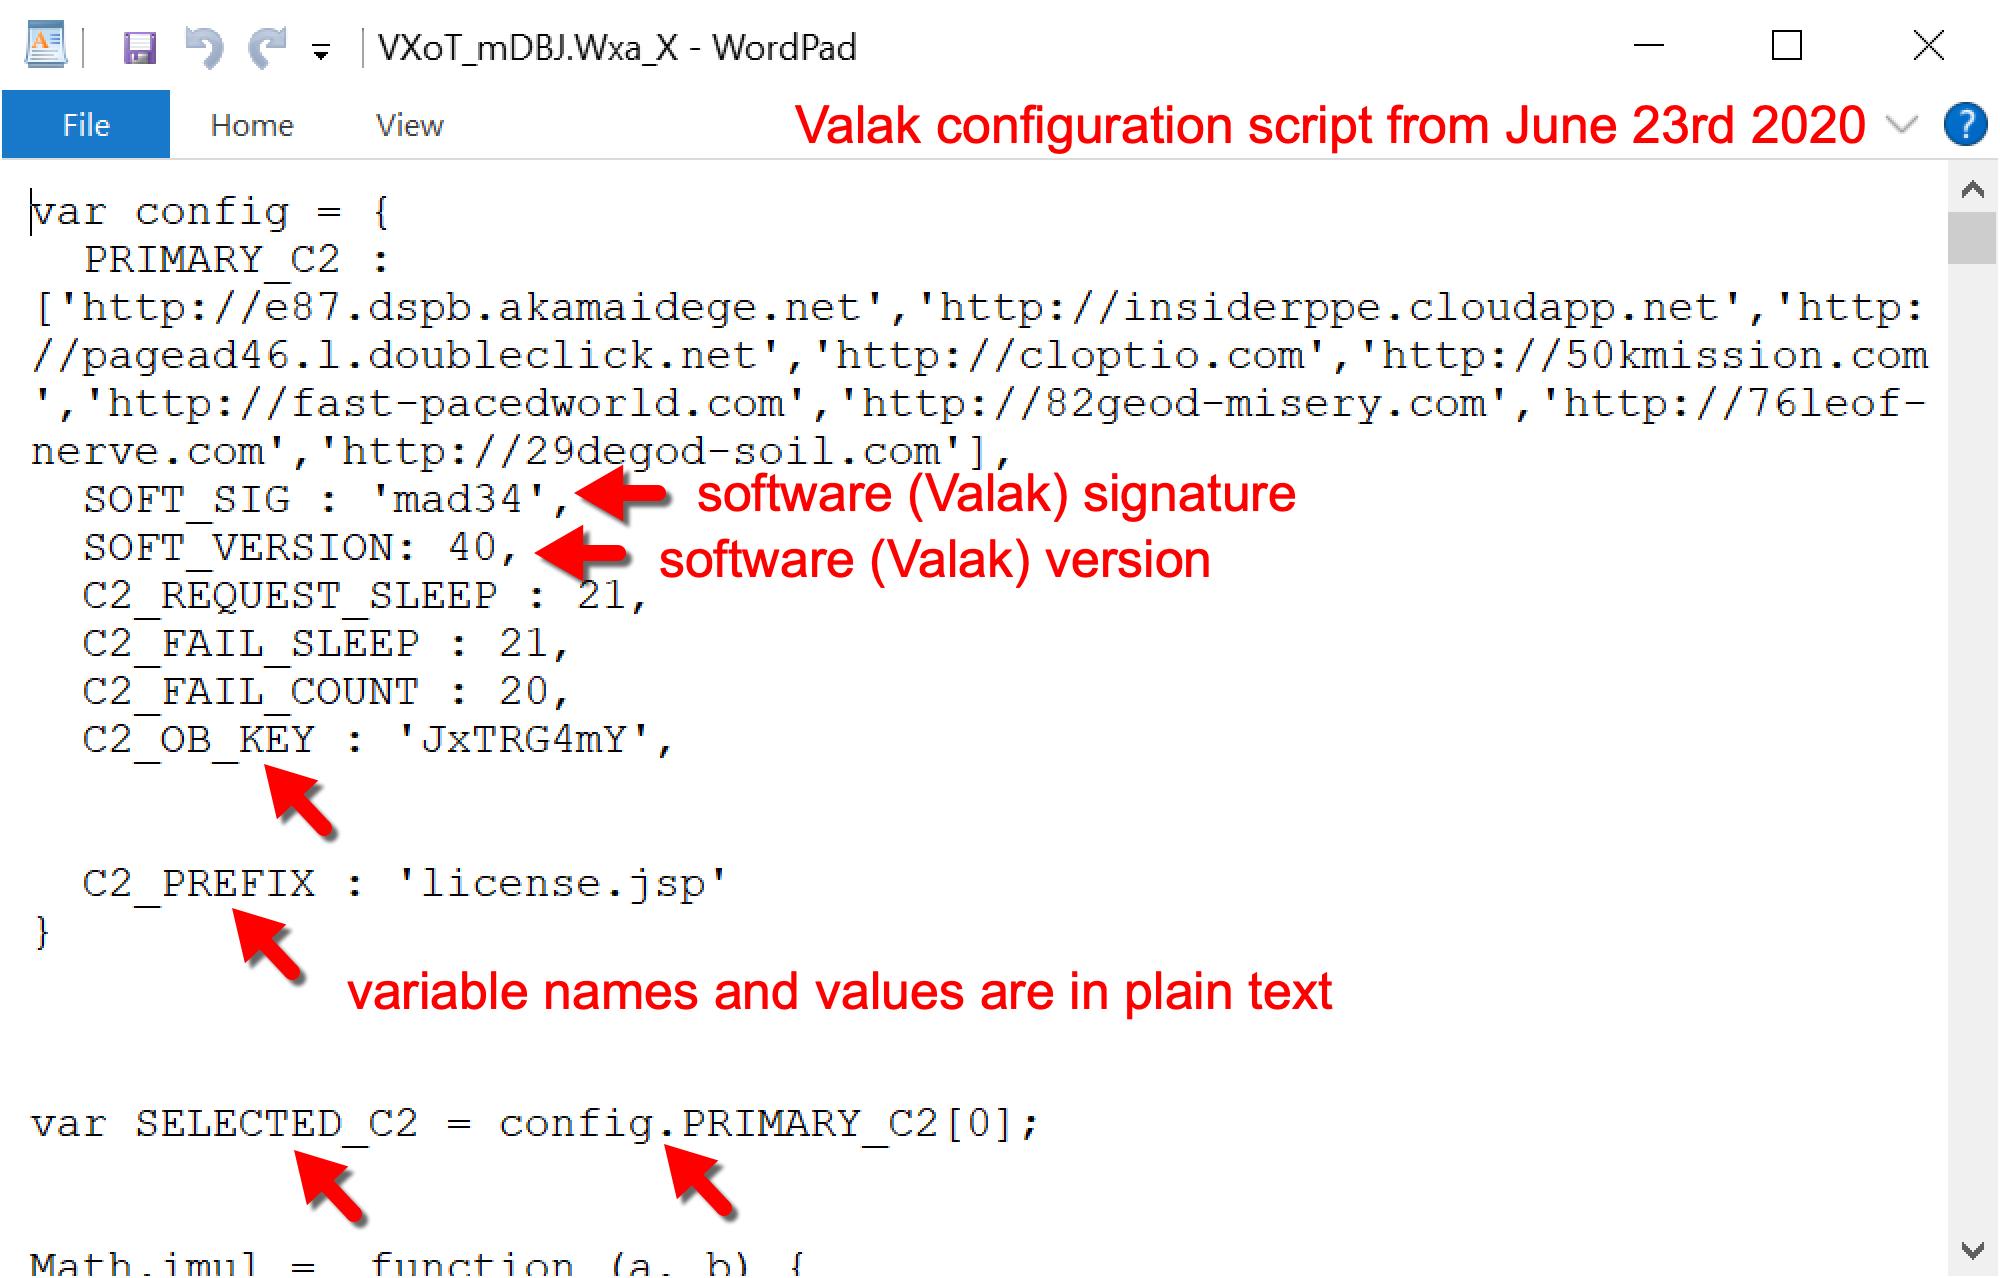 2020年6月23日のValak設定スクリプトでは、ソフトウェア(Valak)シグネチャ、ソフトウェア(Valak)バージョン、および変数名と値はプレーンテキストで記述されています。